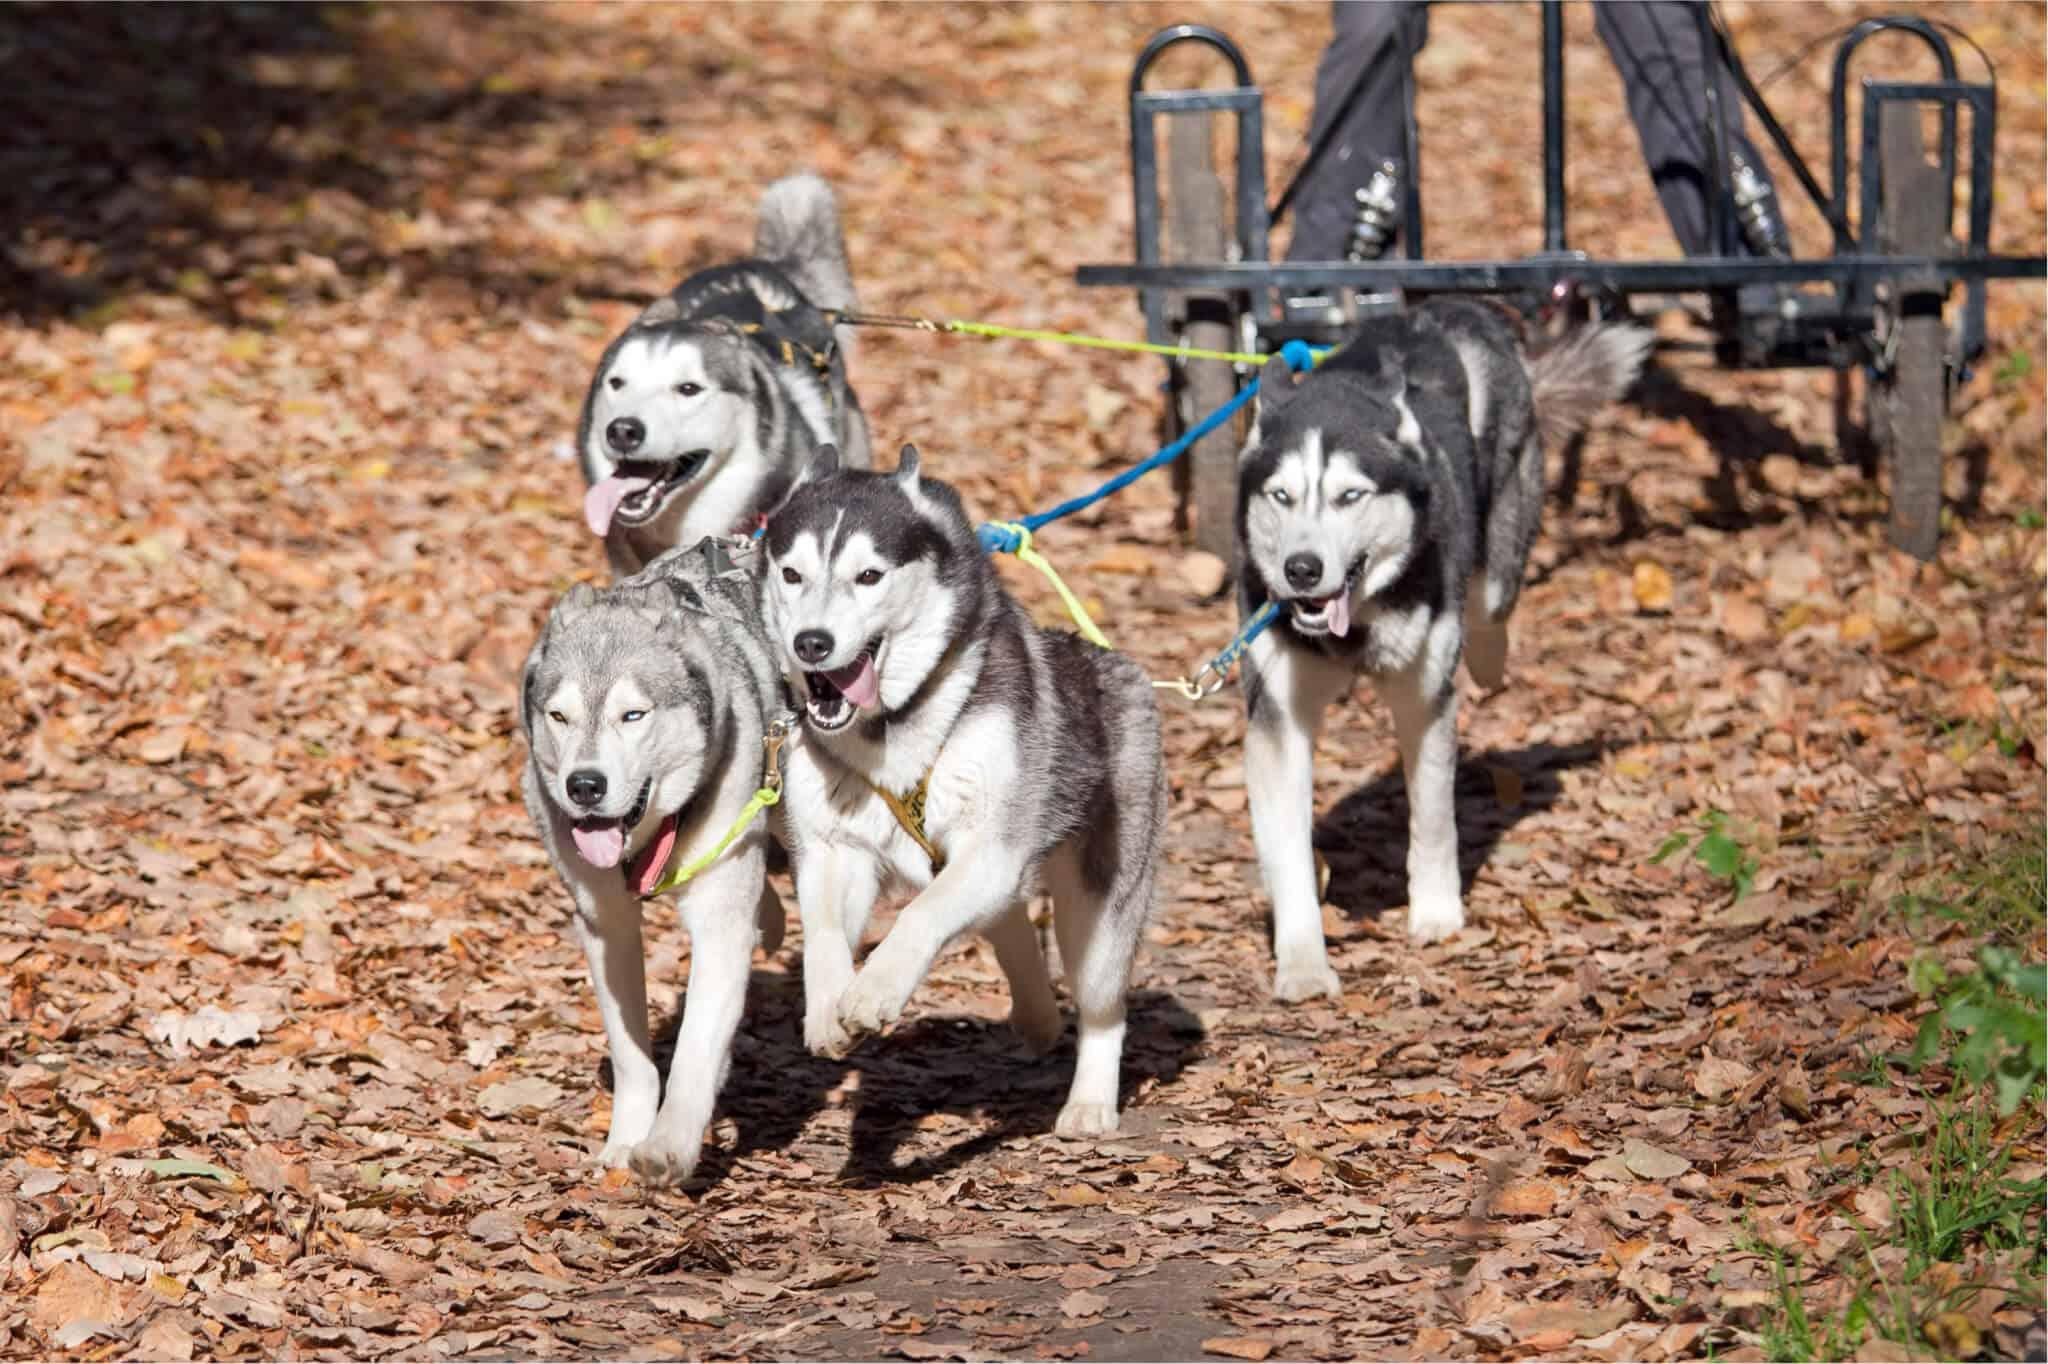 Dog sledding on dry land